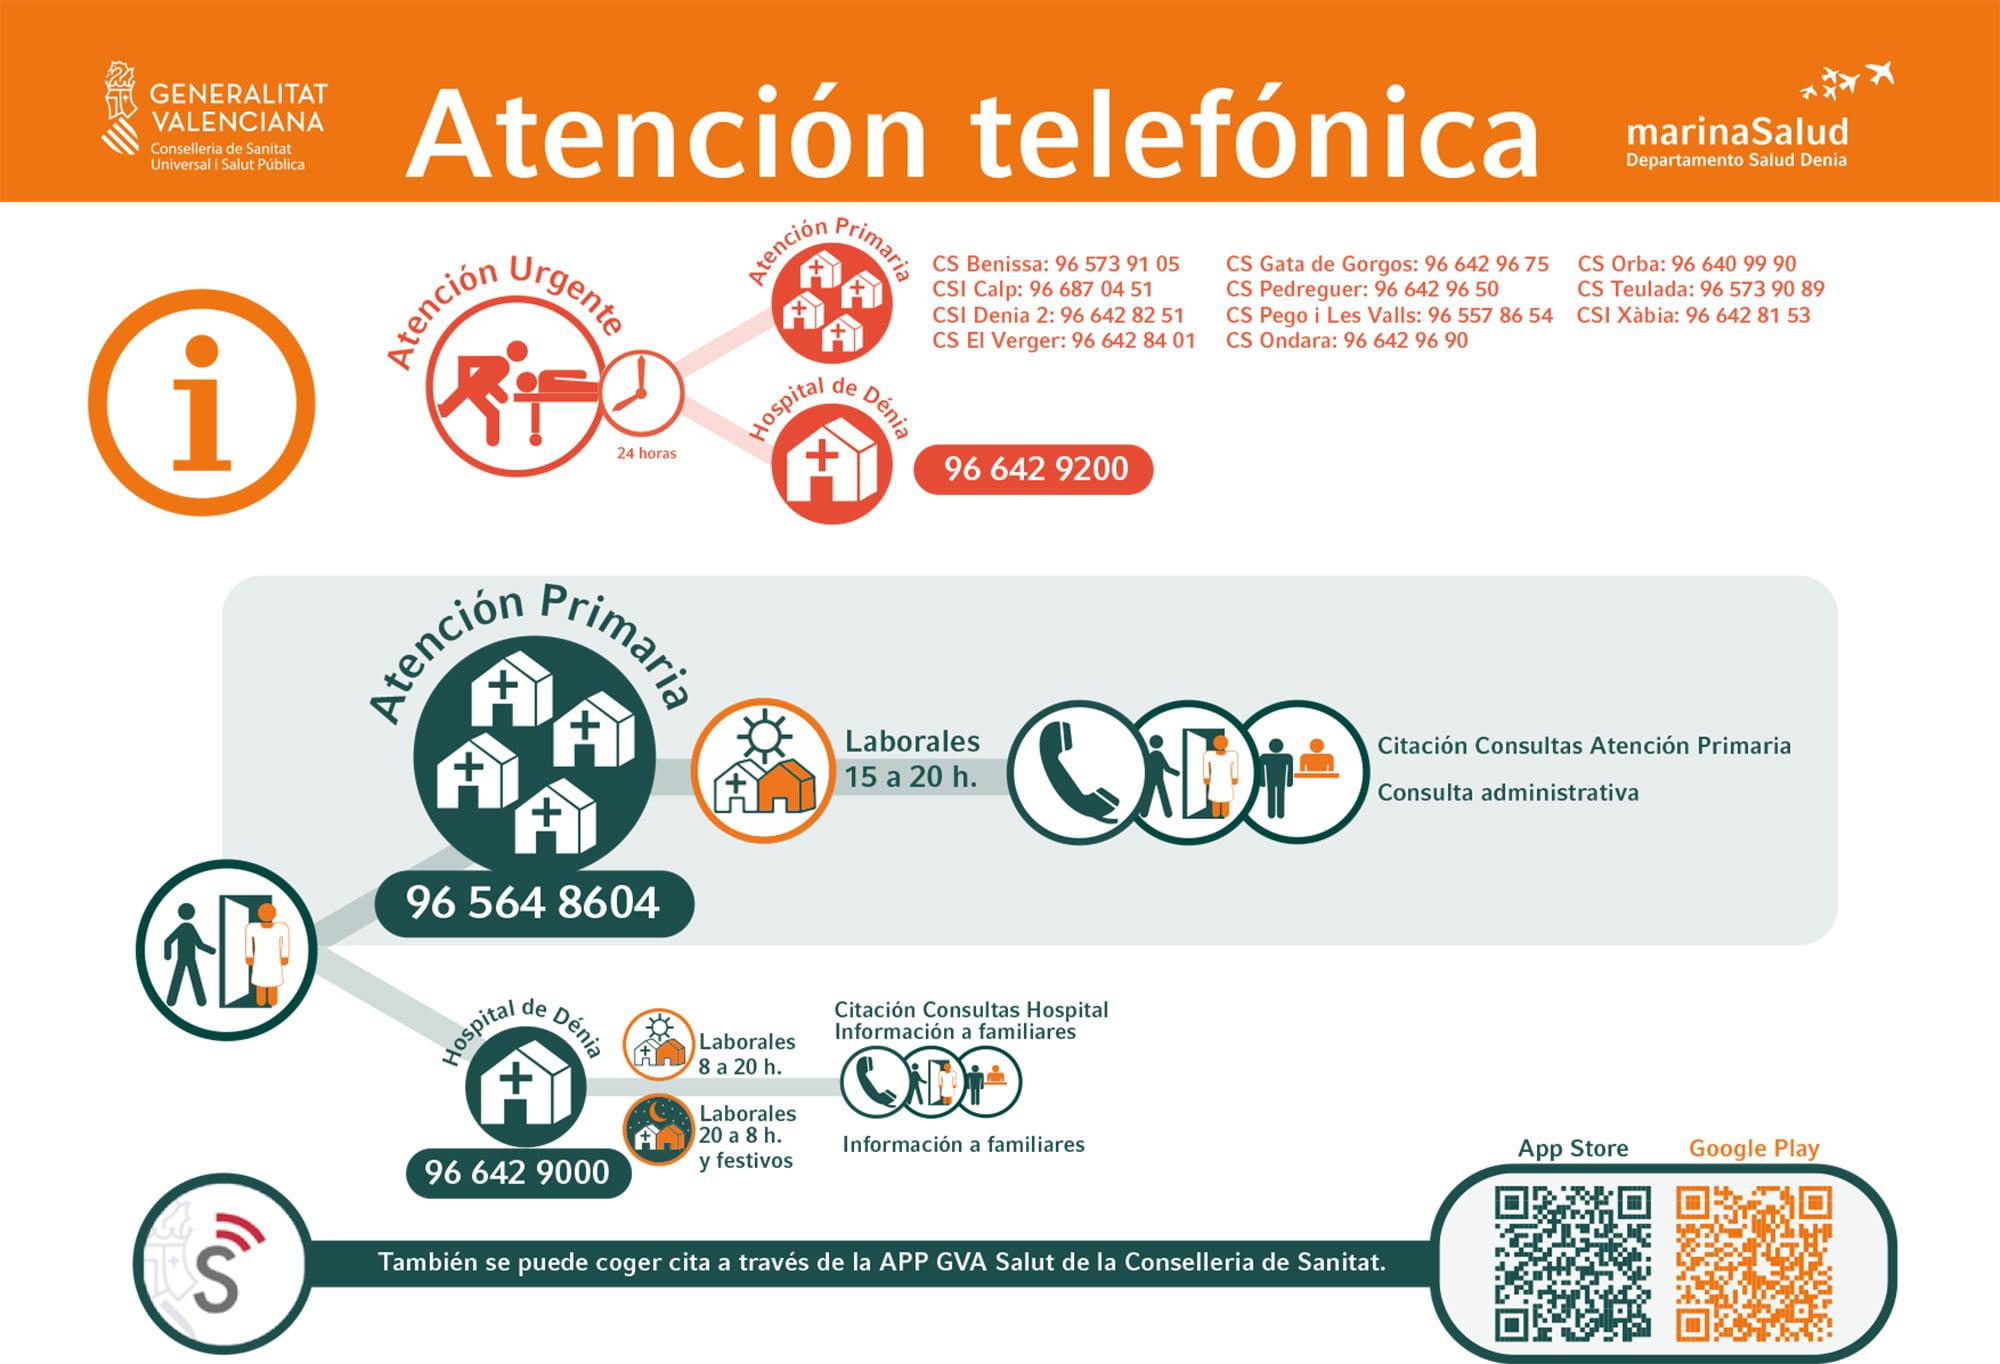 Teléfonos de atención del Departamento de Salud de Dénia